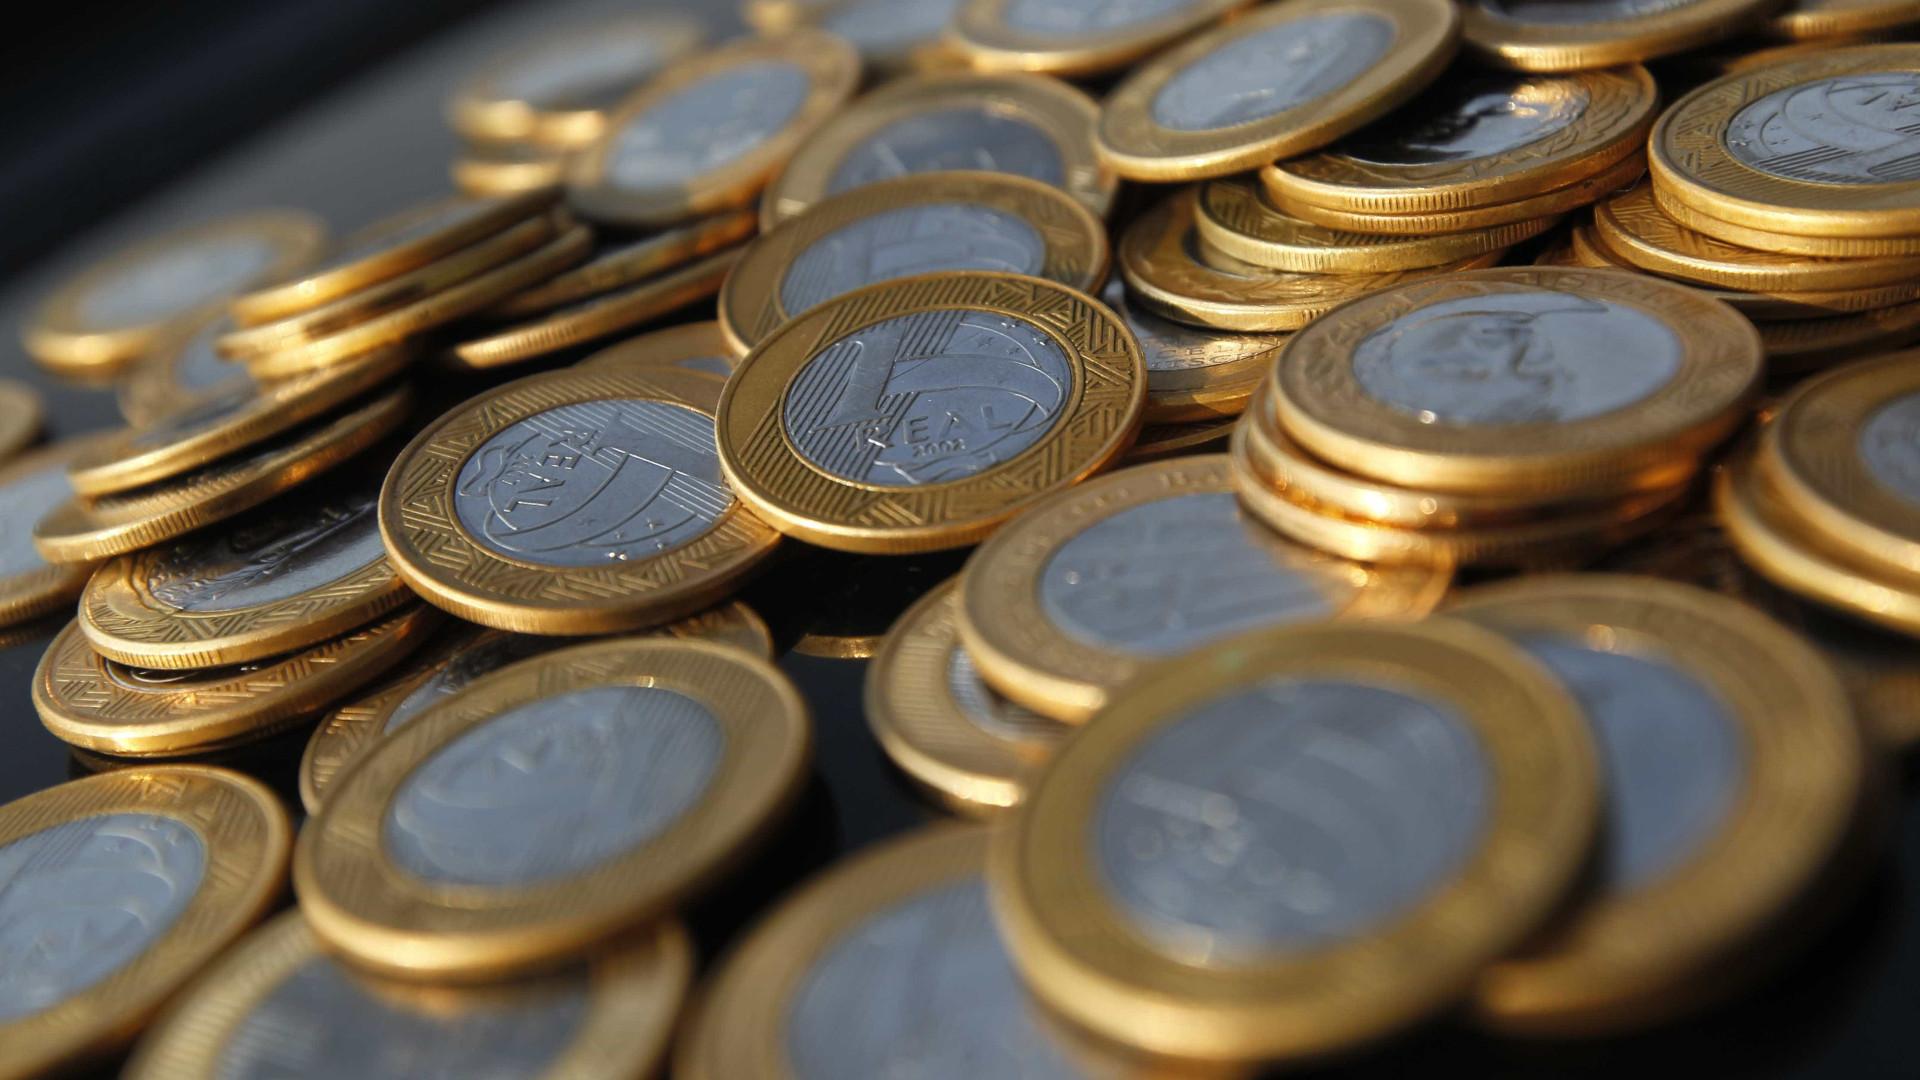 Valor do salário mínimo será de R$ 954 a partir de 1º de janeiro